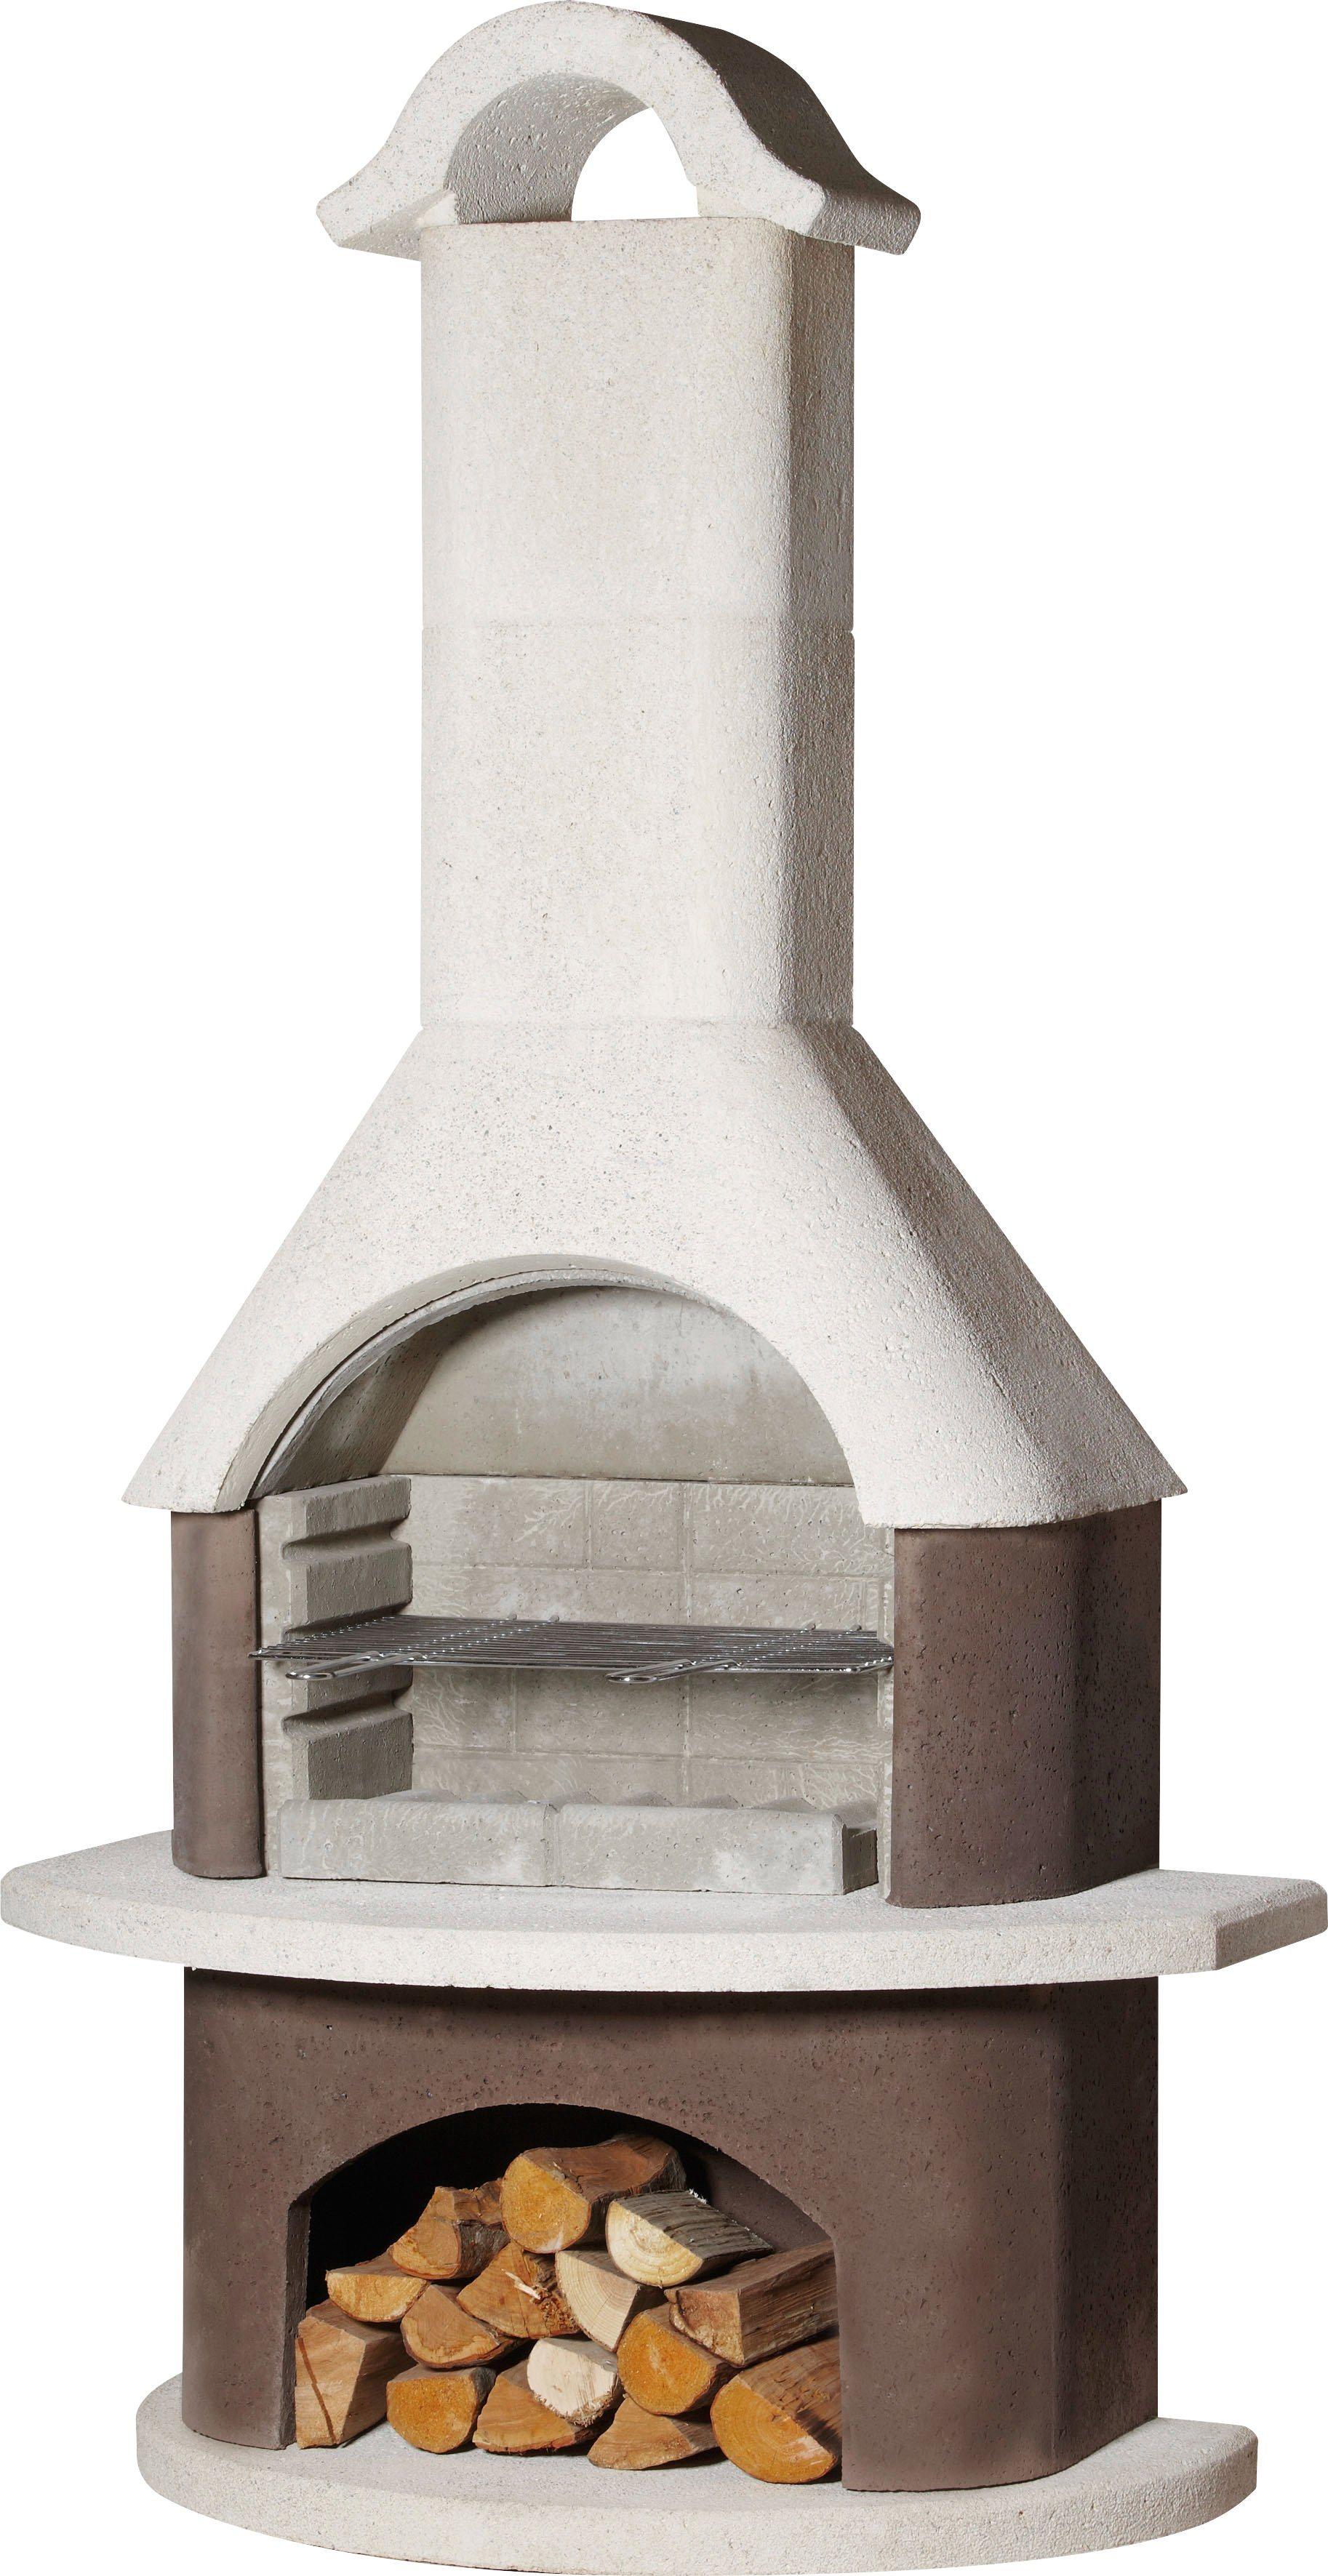 Grillkamin »Athen«, B/T/H: 110/65/210 cm, weiß/braun